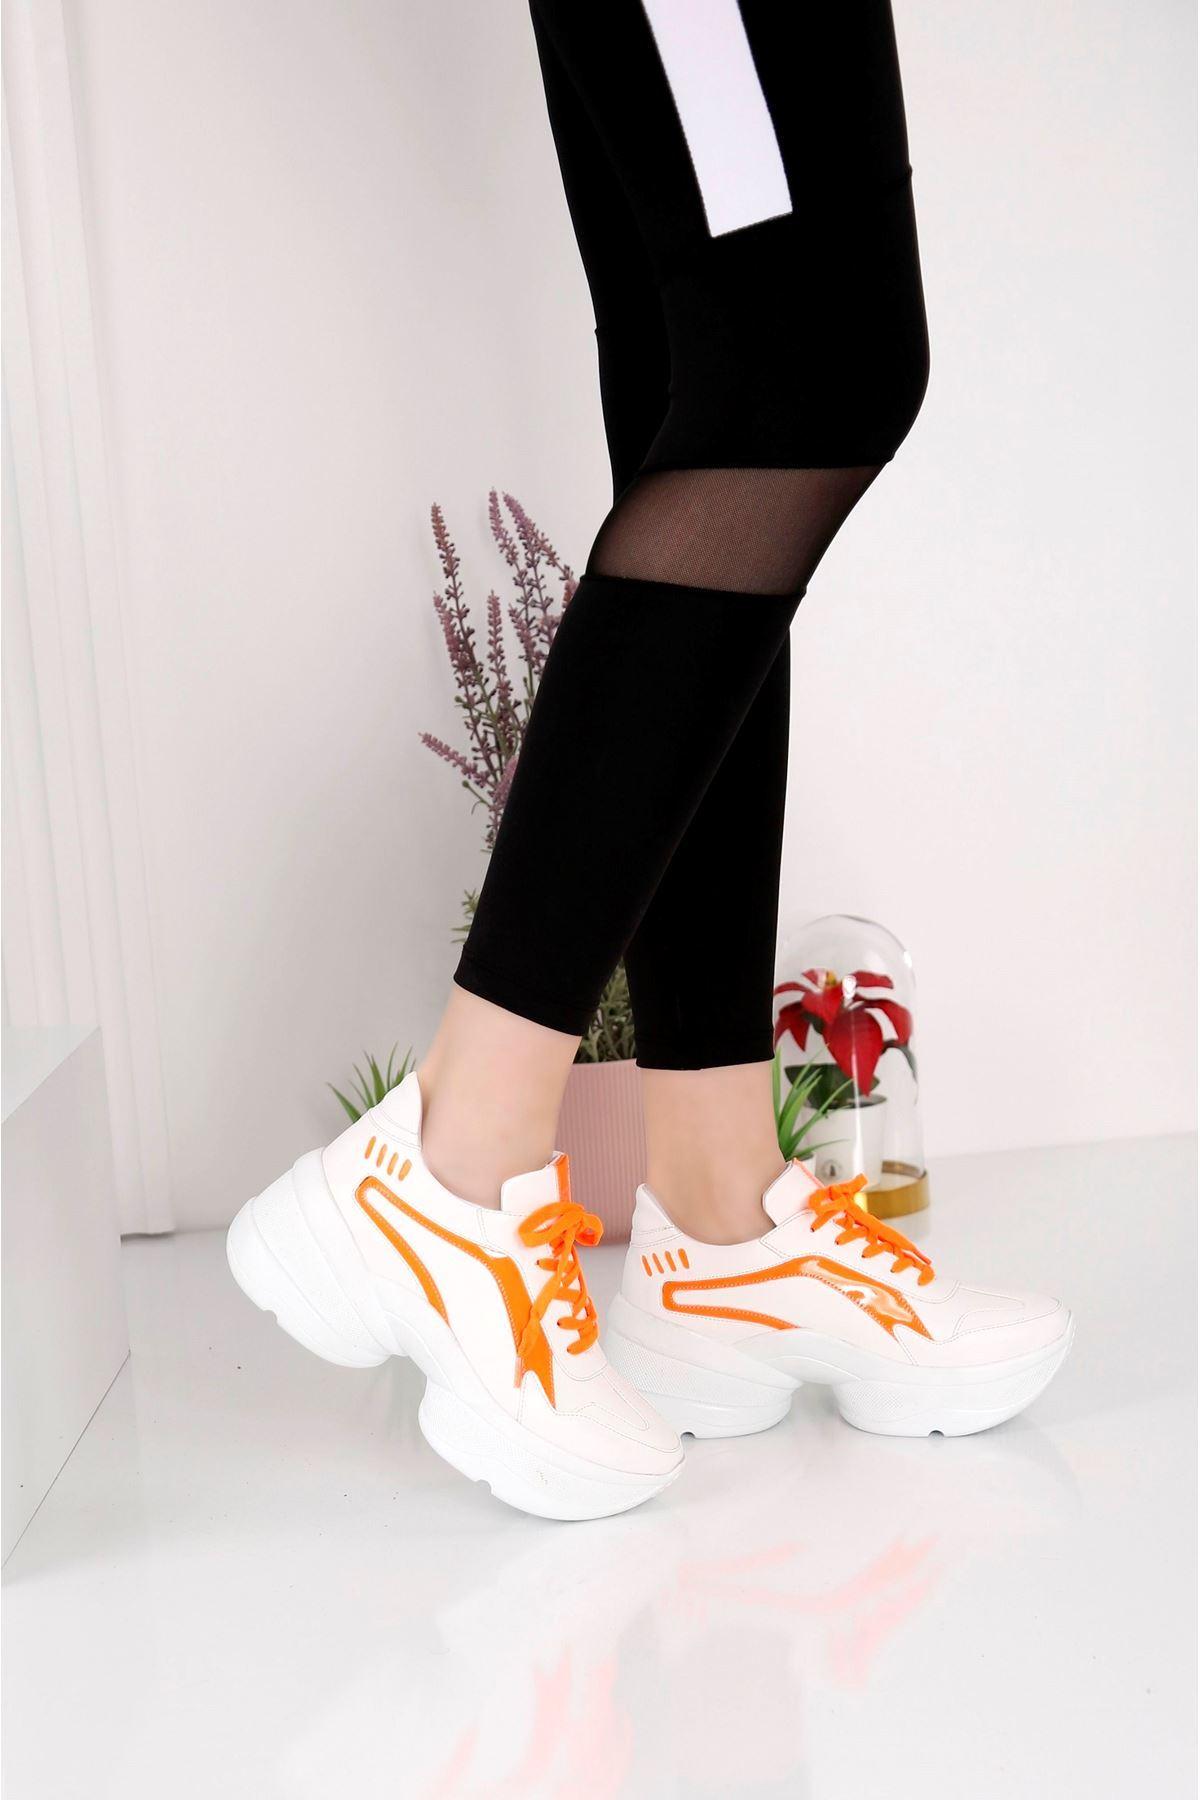 Spring Beyaz Turuncu Spor Ayakkabı